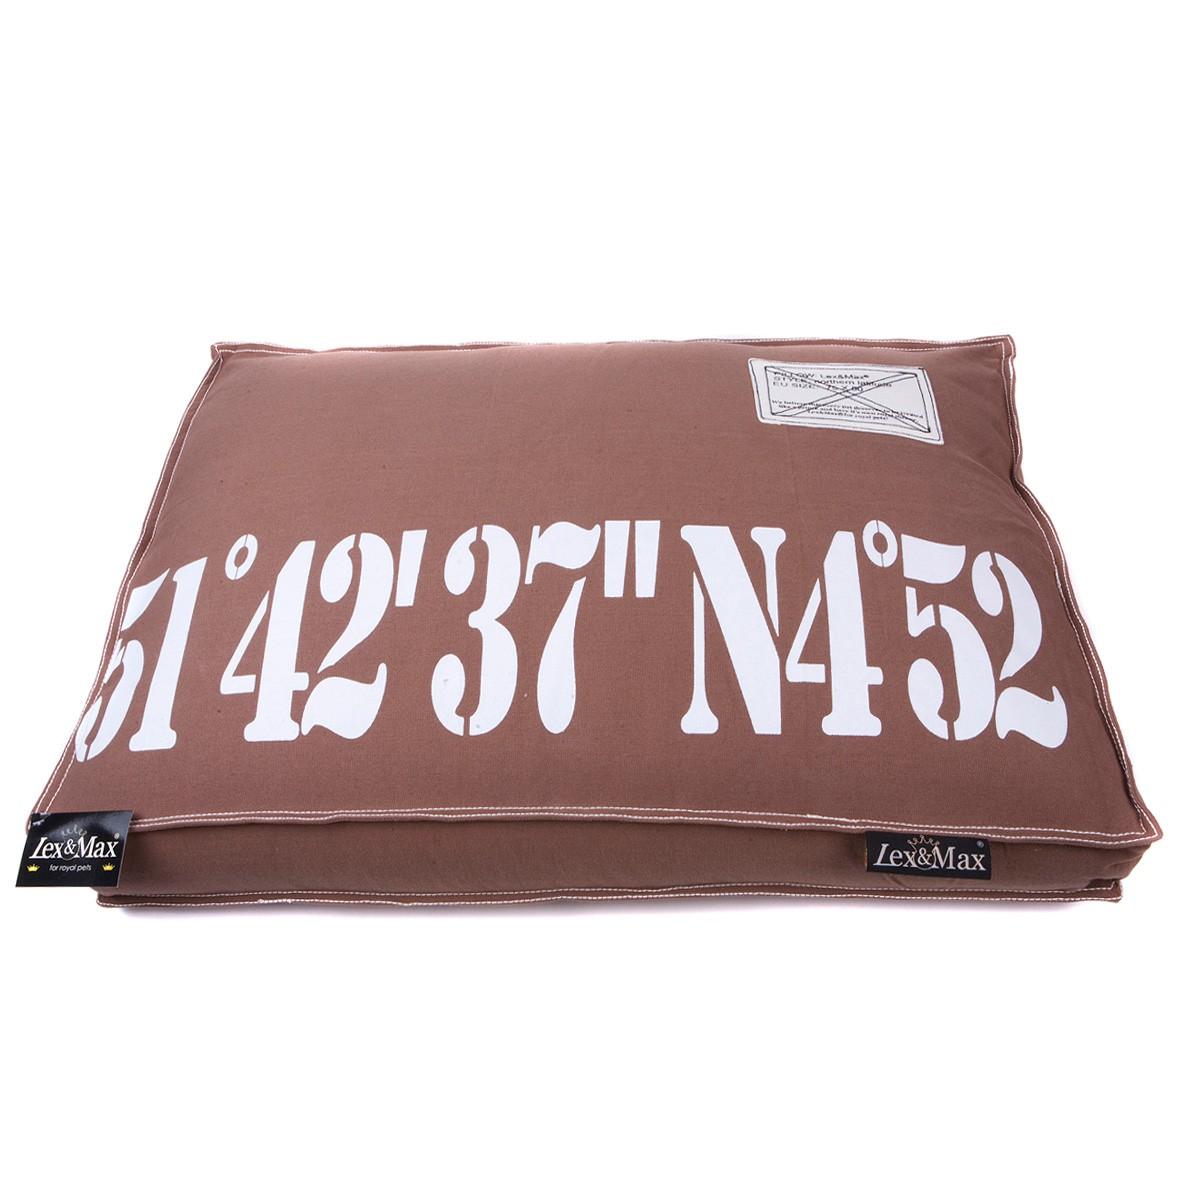 Levně Lex & Max Luxusní potah na pelíšek pro psa Lex & Max Number 120 x 80 cm   hnědý